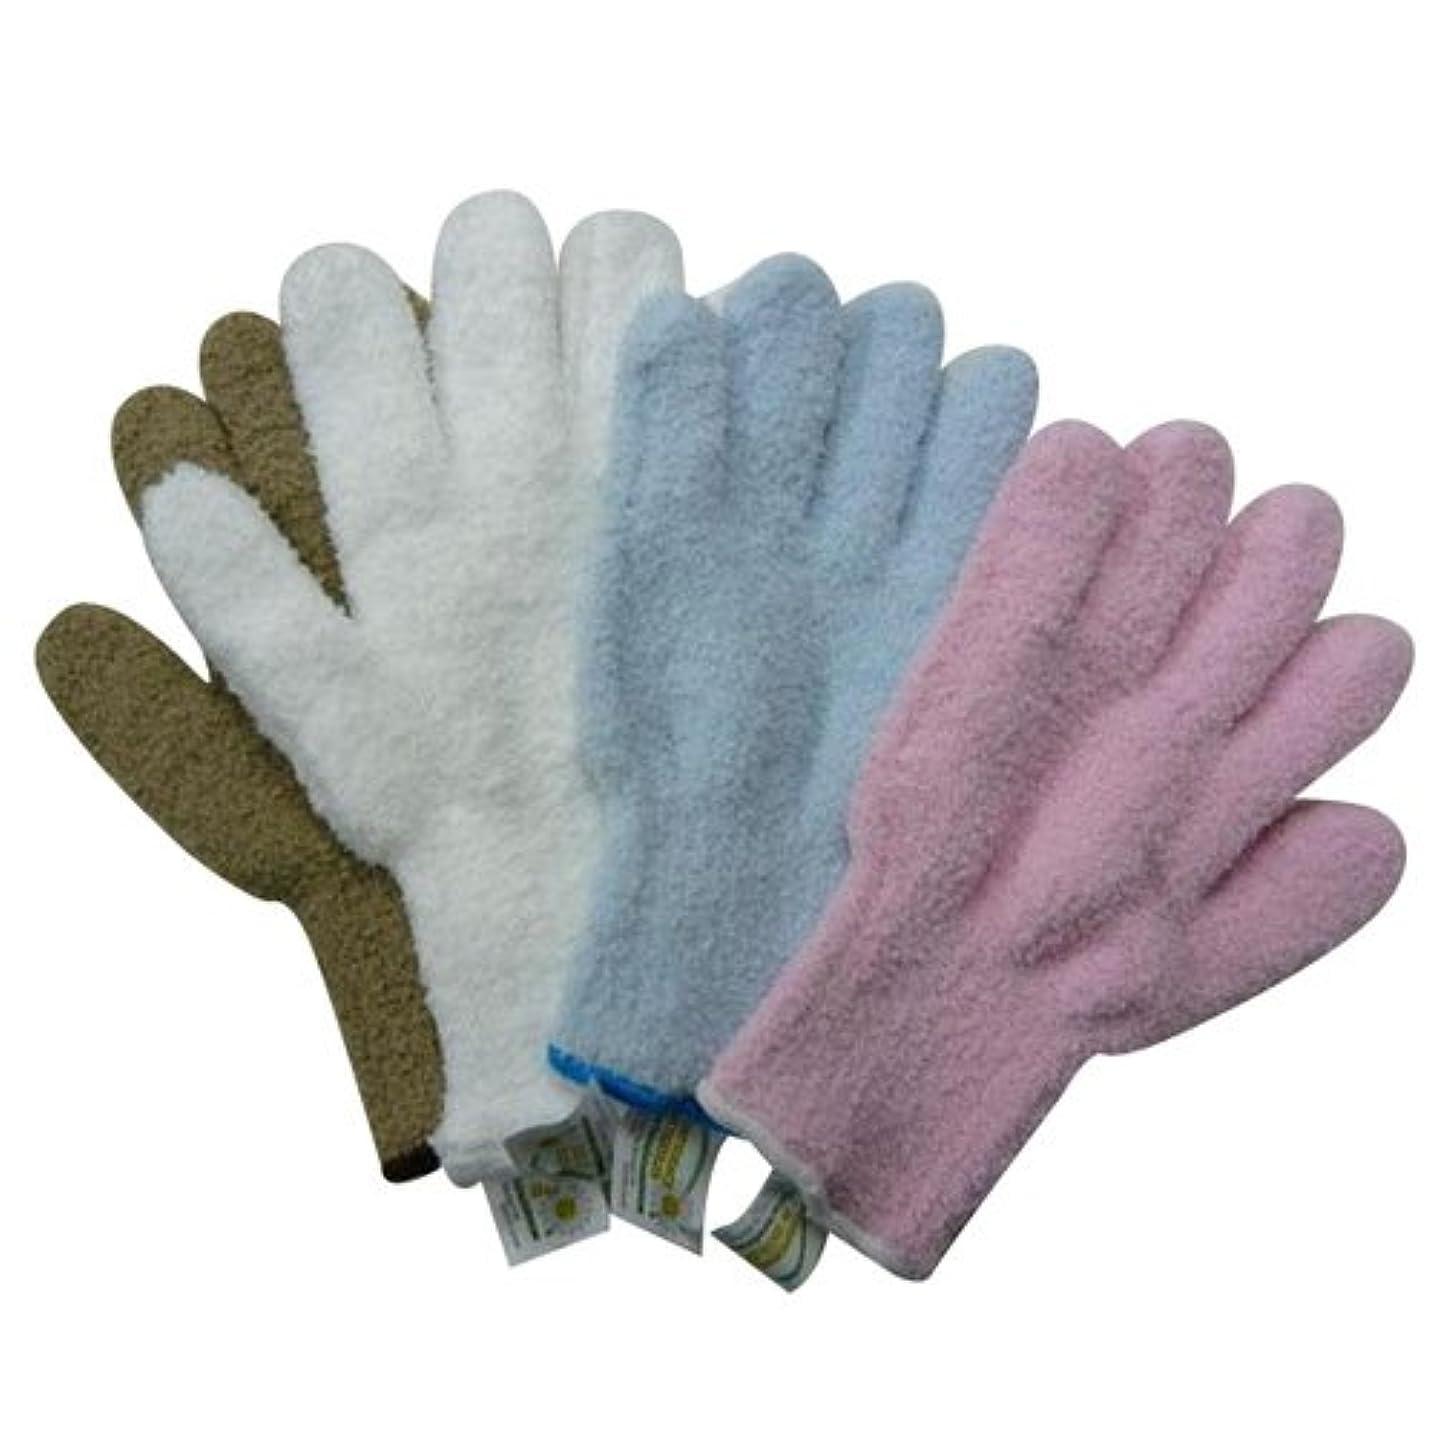 検査またはどちらか発明するウルトラ?マイクロファイバー手袋 エコテックスタグ付き×4色セット(KE702-WH?SB?BE?PK) 5007an